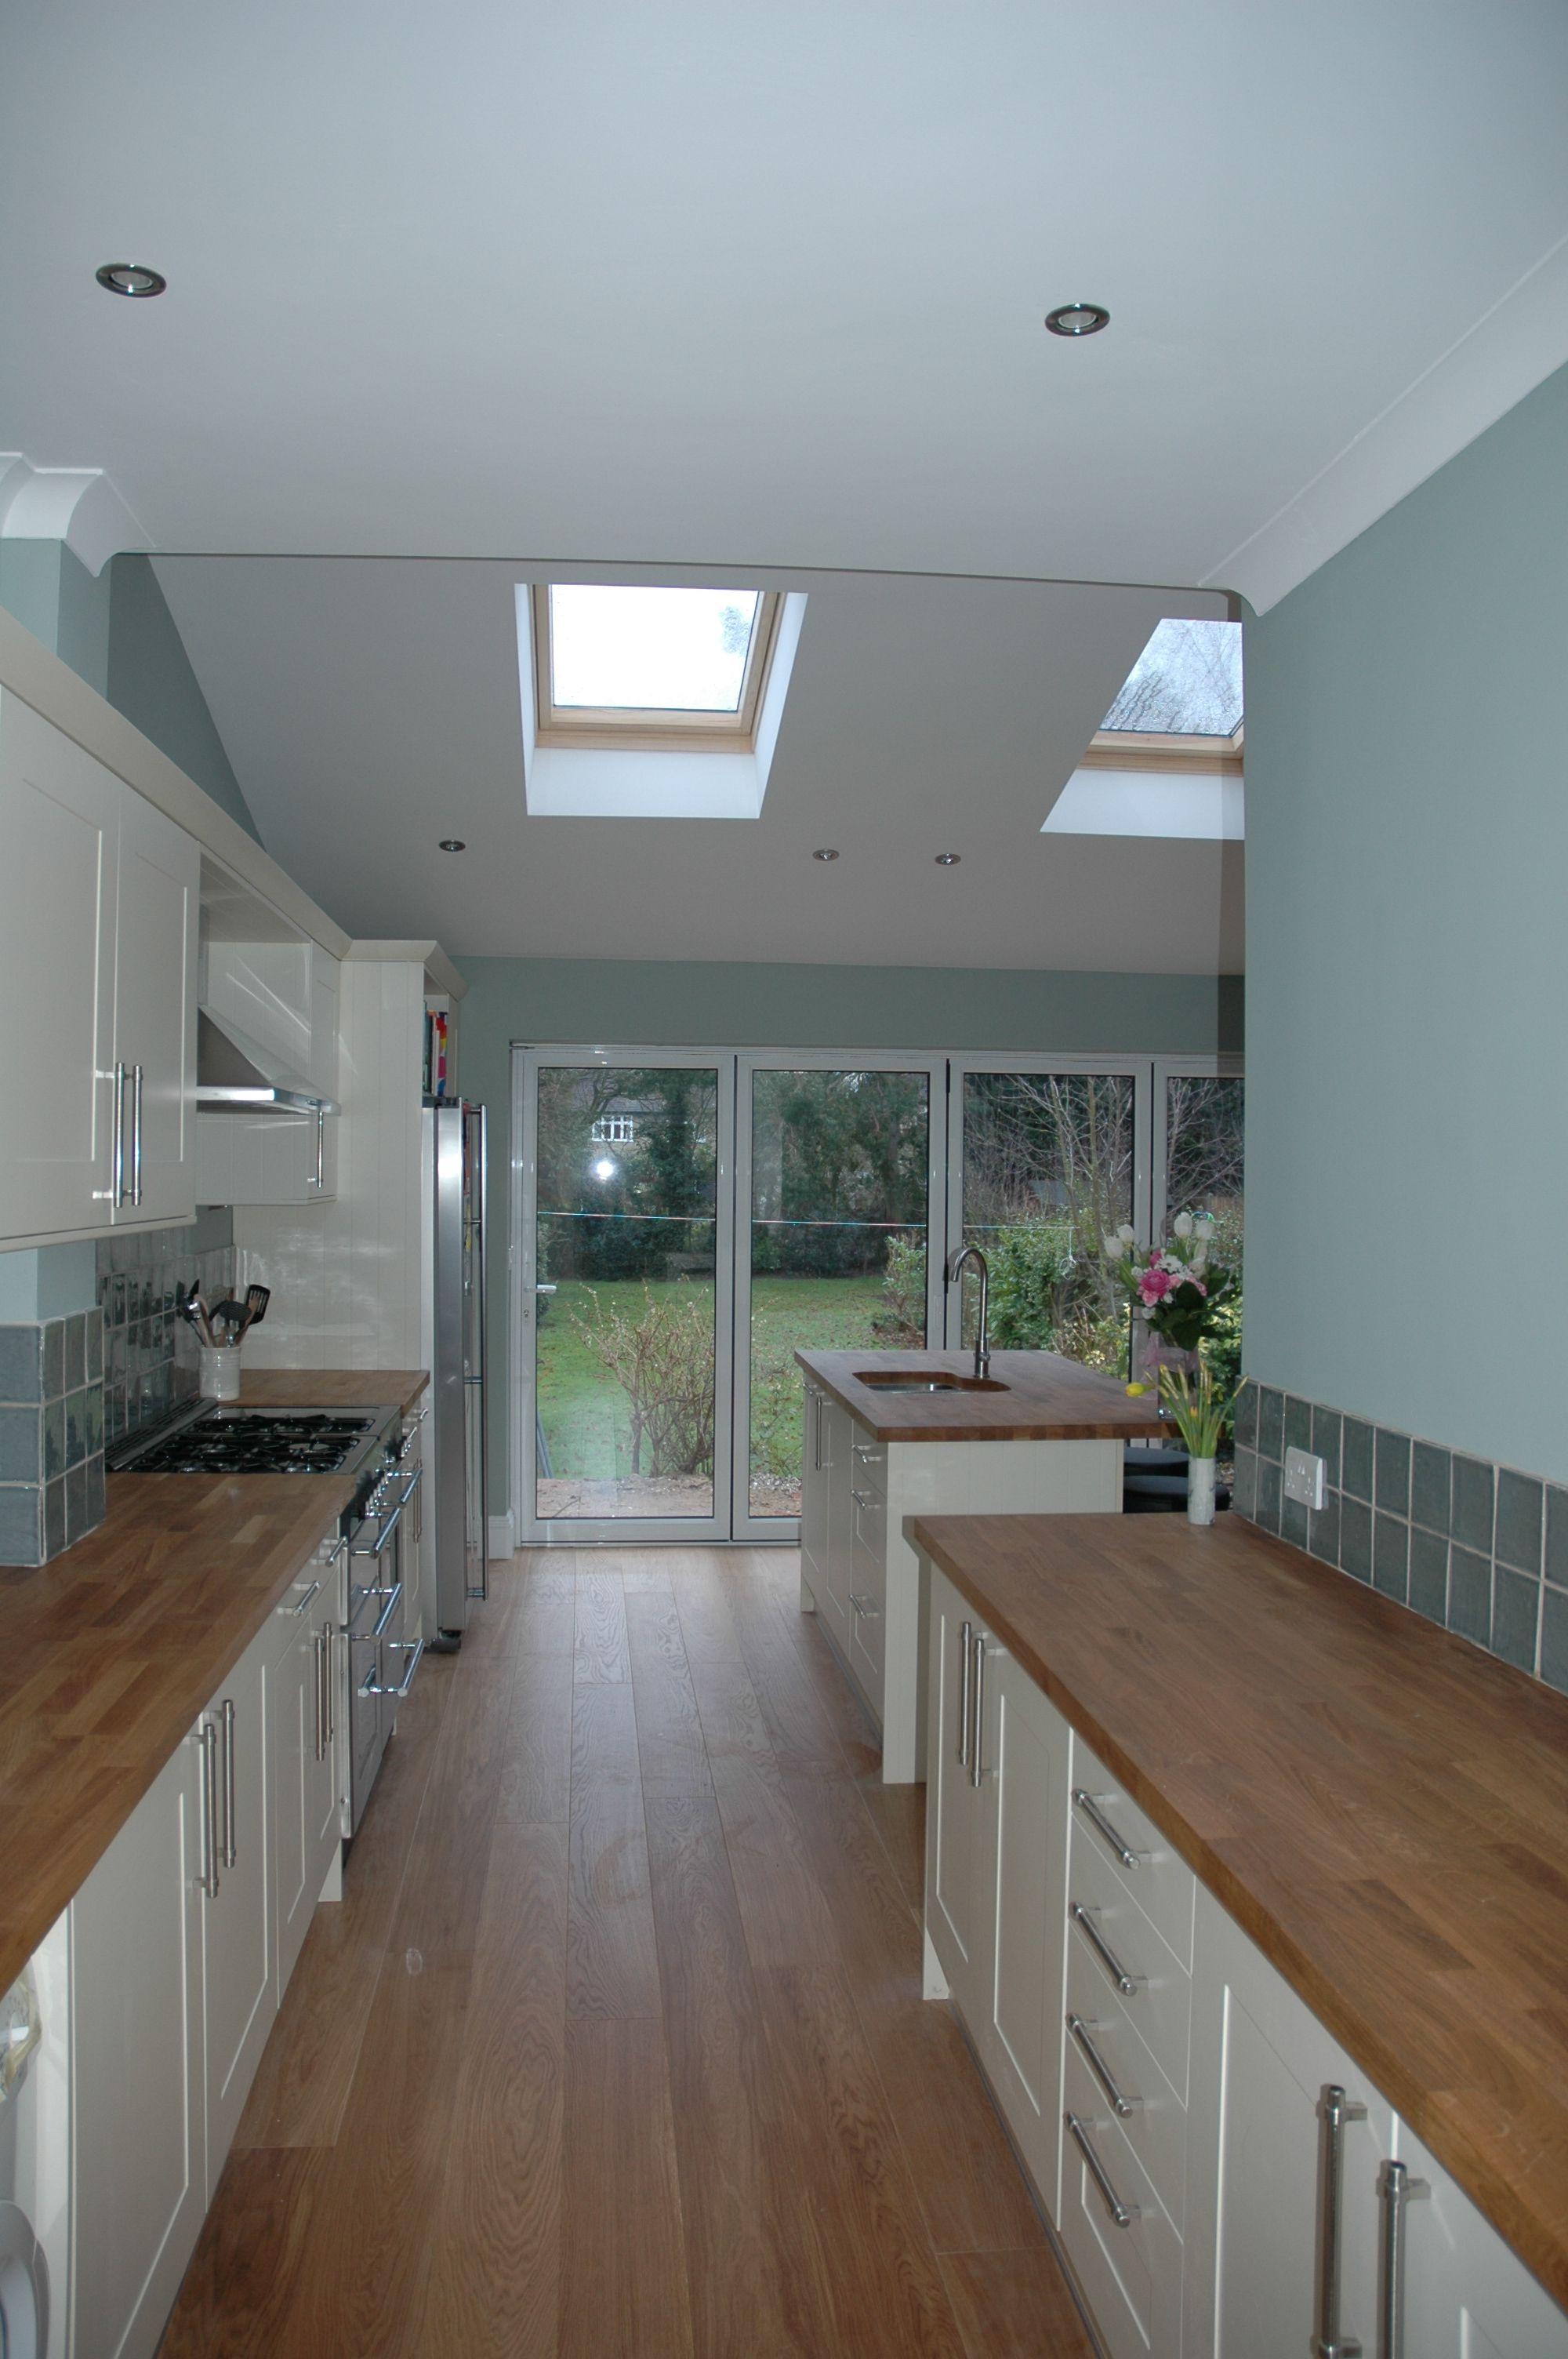 Extension Design Ideas Kitchen Garden Room: Kitchen Extensions - Google Search